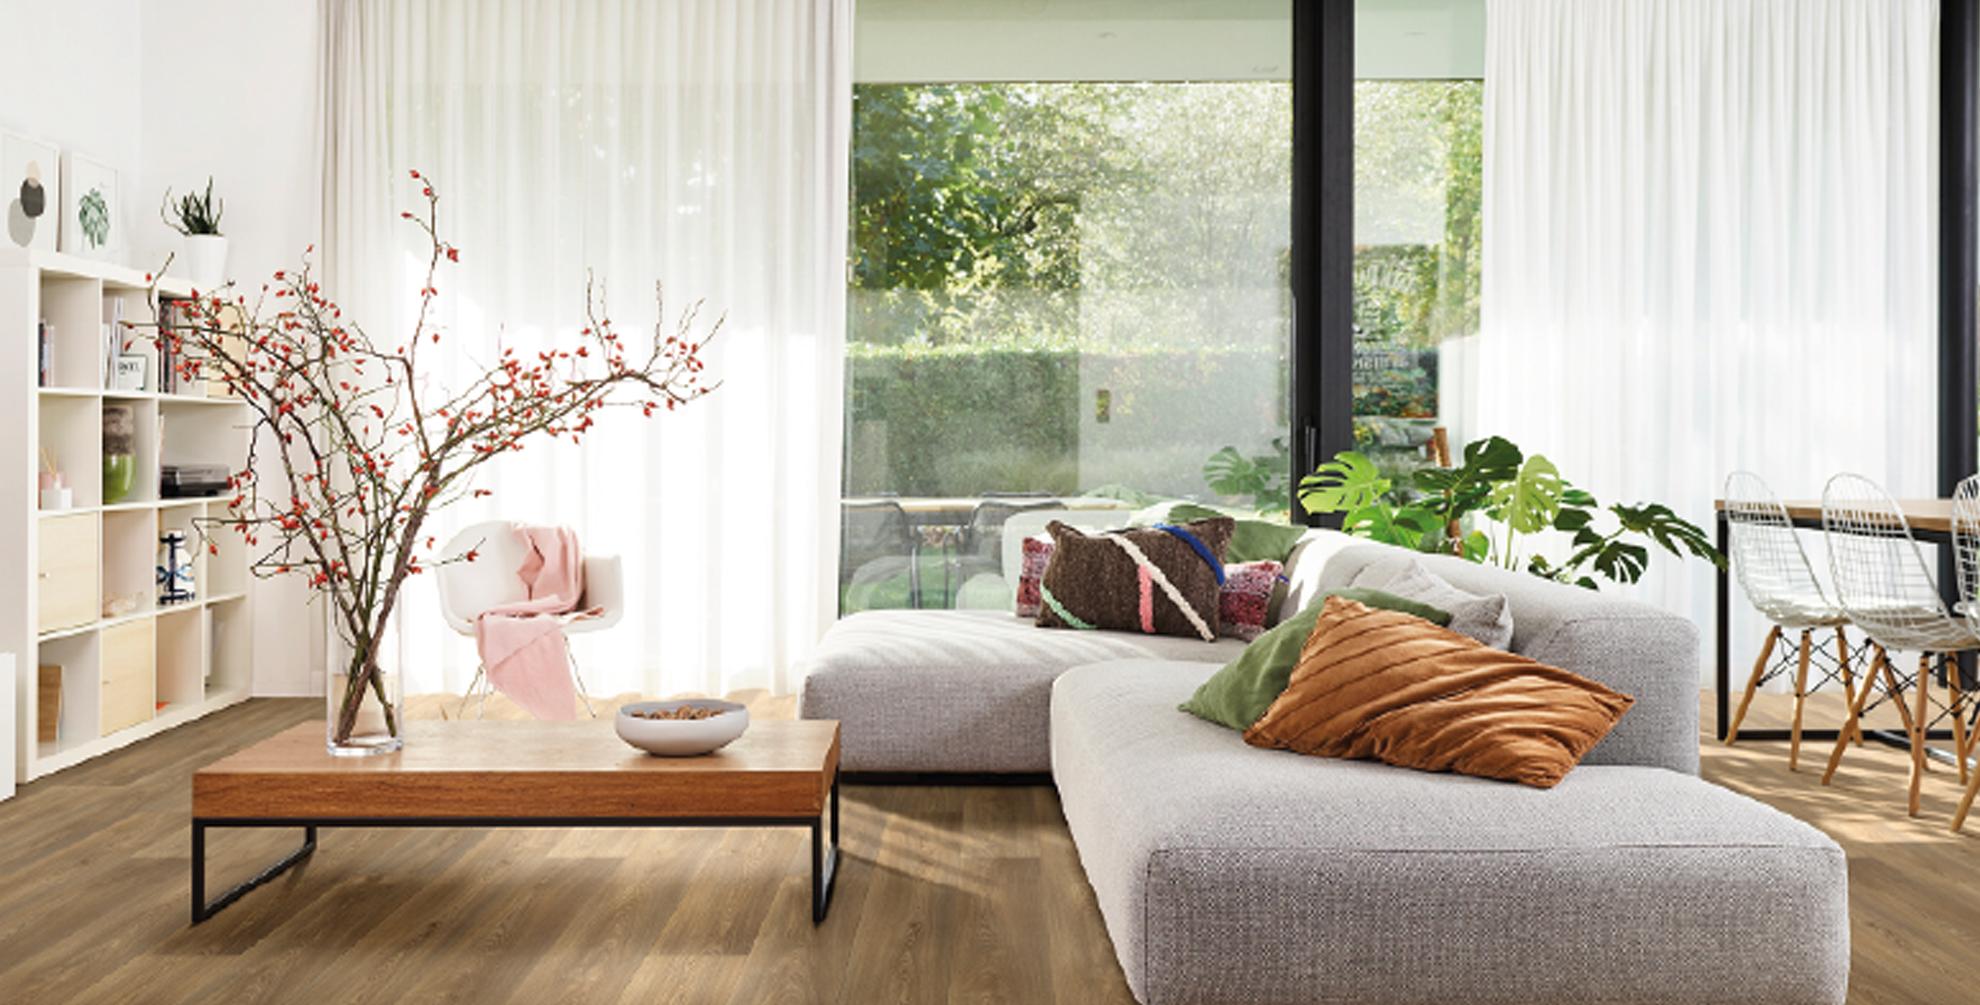 Vloer + raamdecoratie = style statement